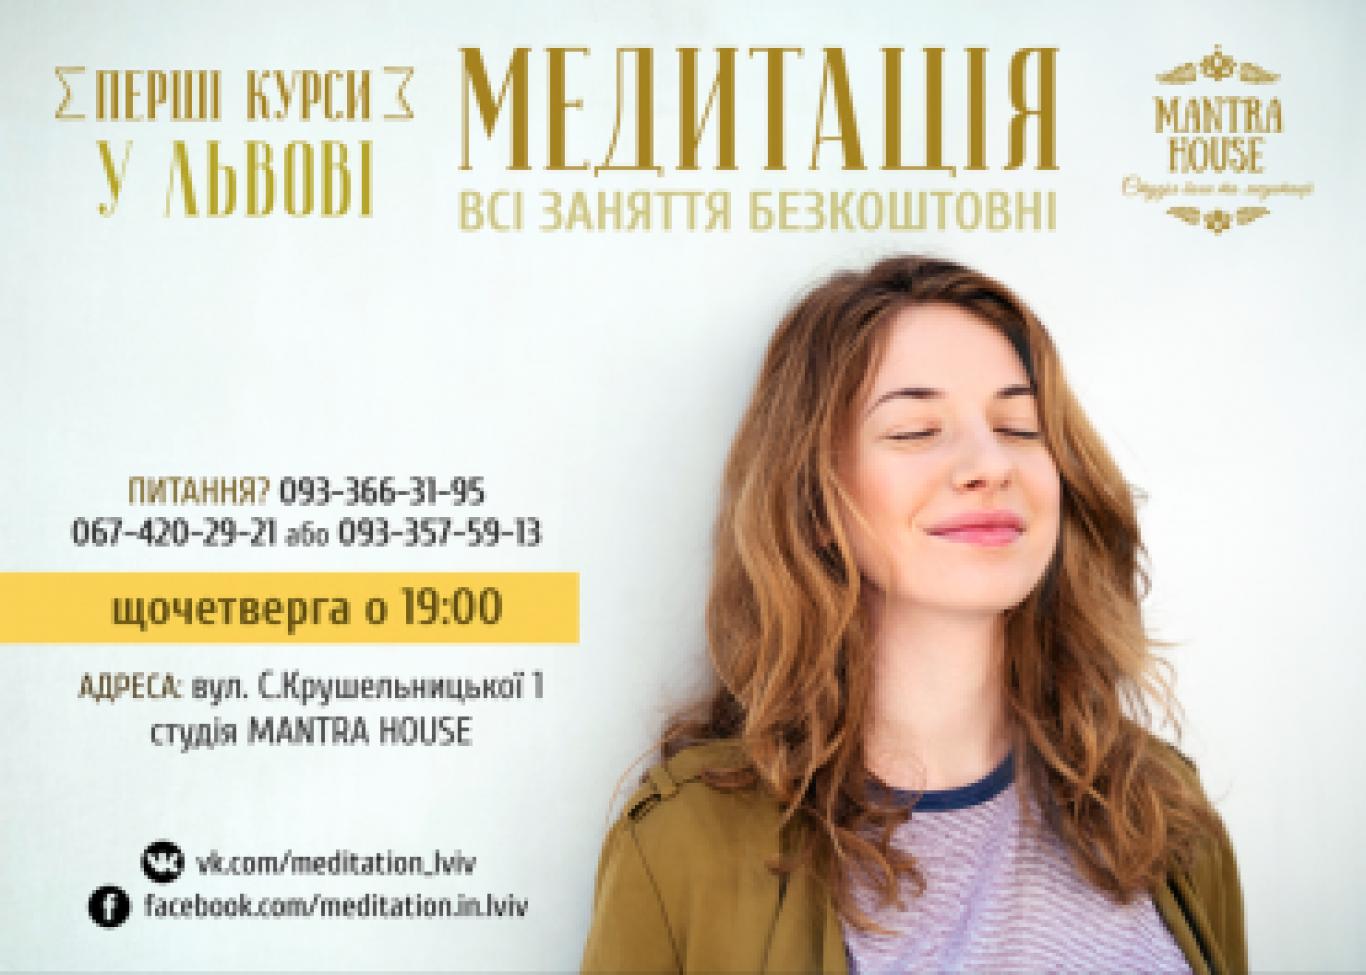 Безкоштовні курси медитації в грудні